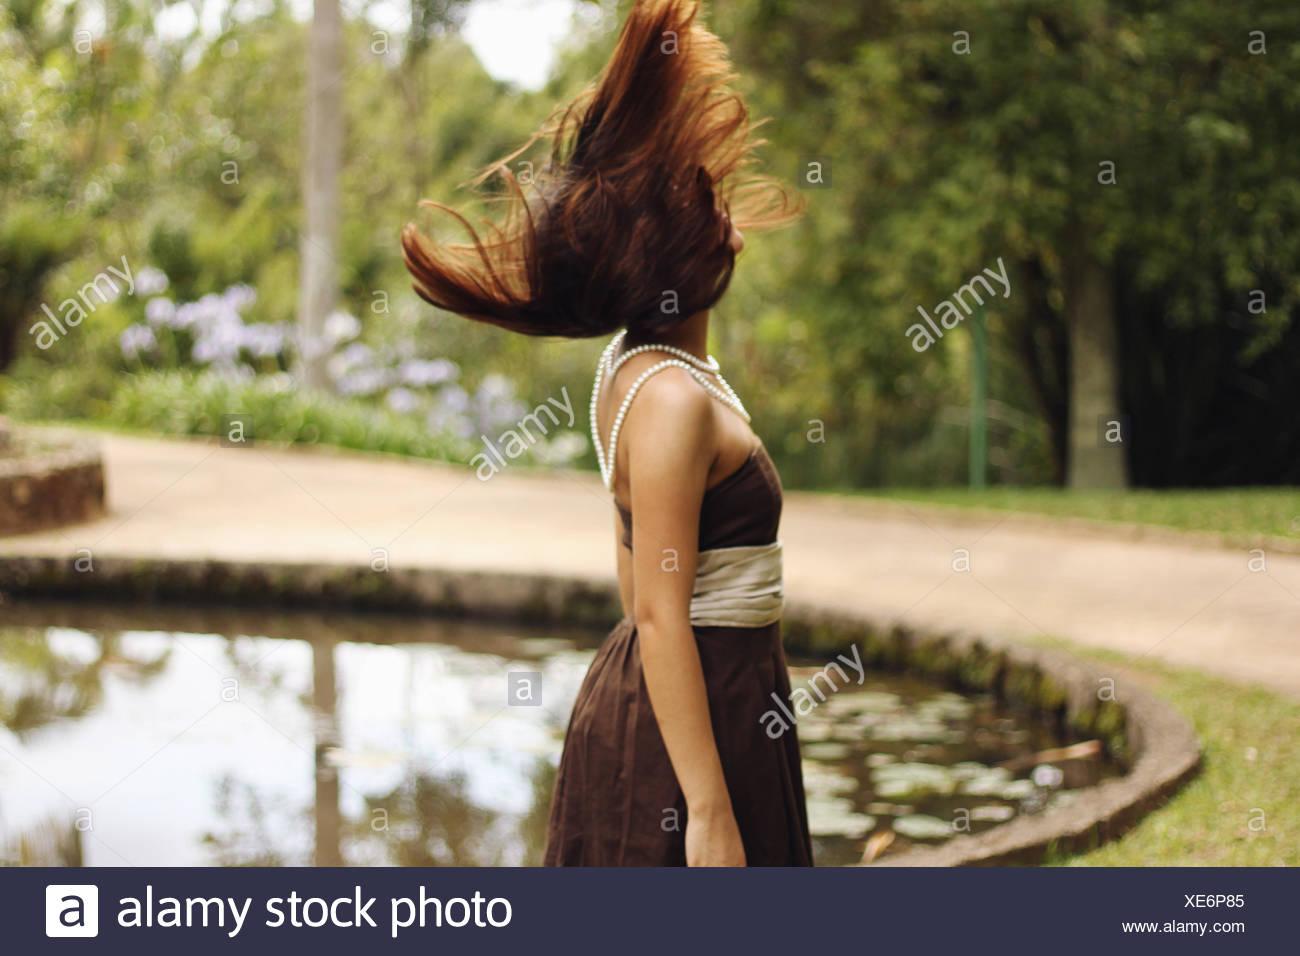 Seitenansicht einer Frau mit geblasen braunen Haaren Landschaft See Stockbild